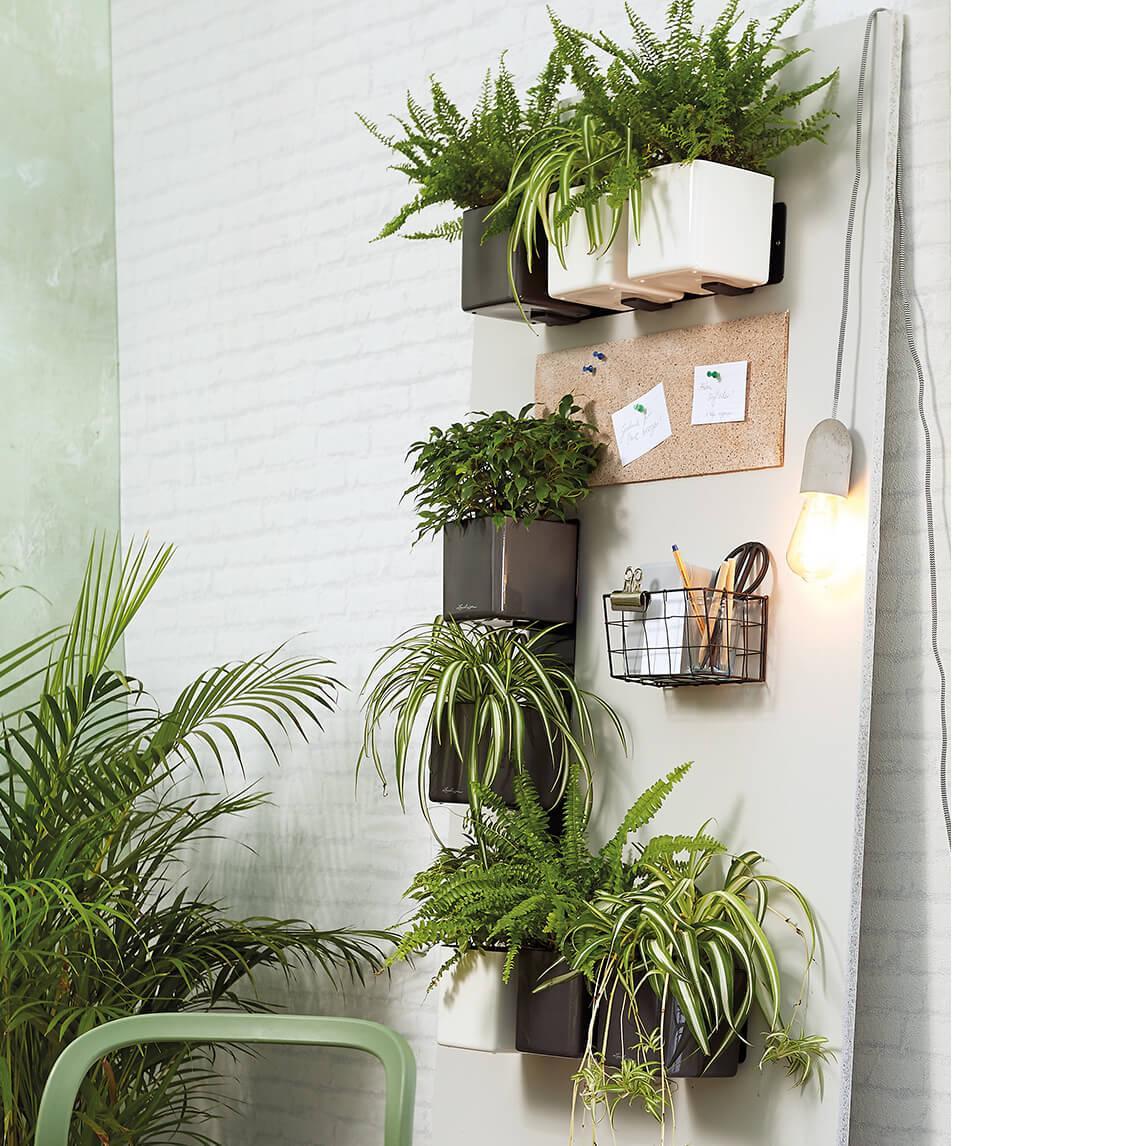 Πολλά πράσινα κιτ τοίχου κρέμονται σε έναν τοίχο μαζί με ένα στυλό και έναν πίνακα καρφιτσών